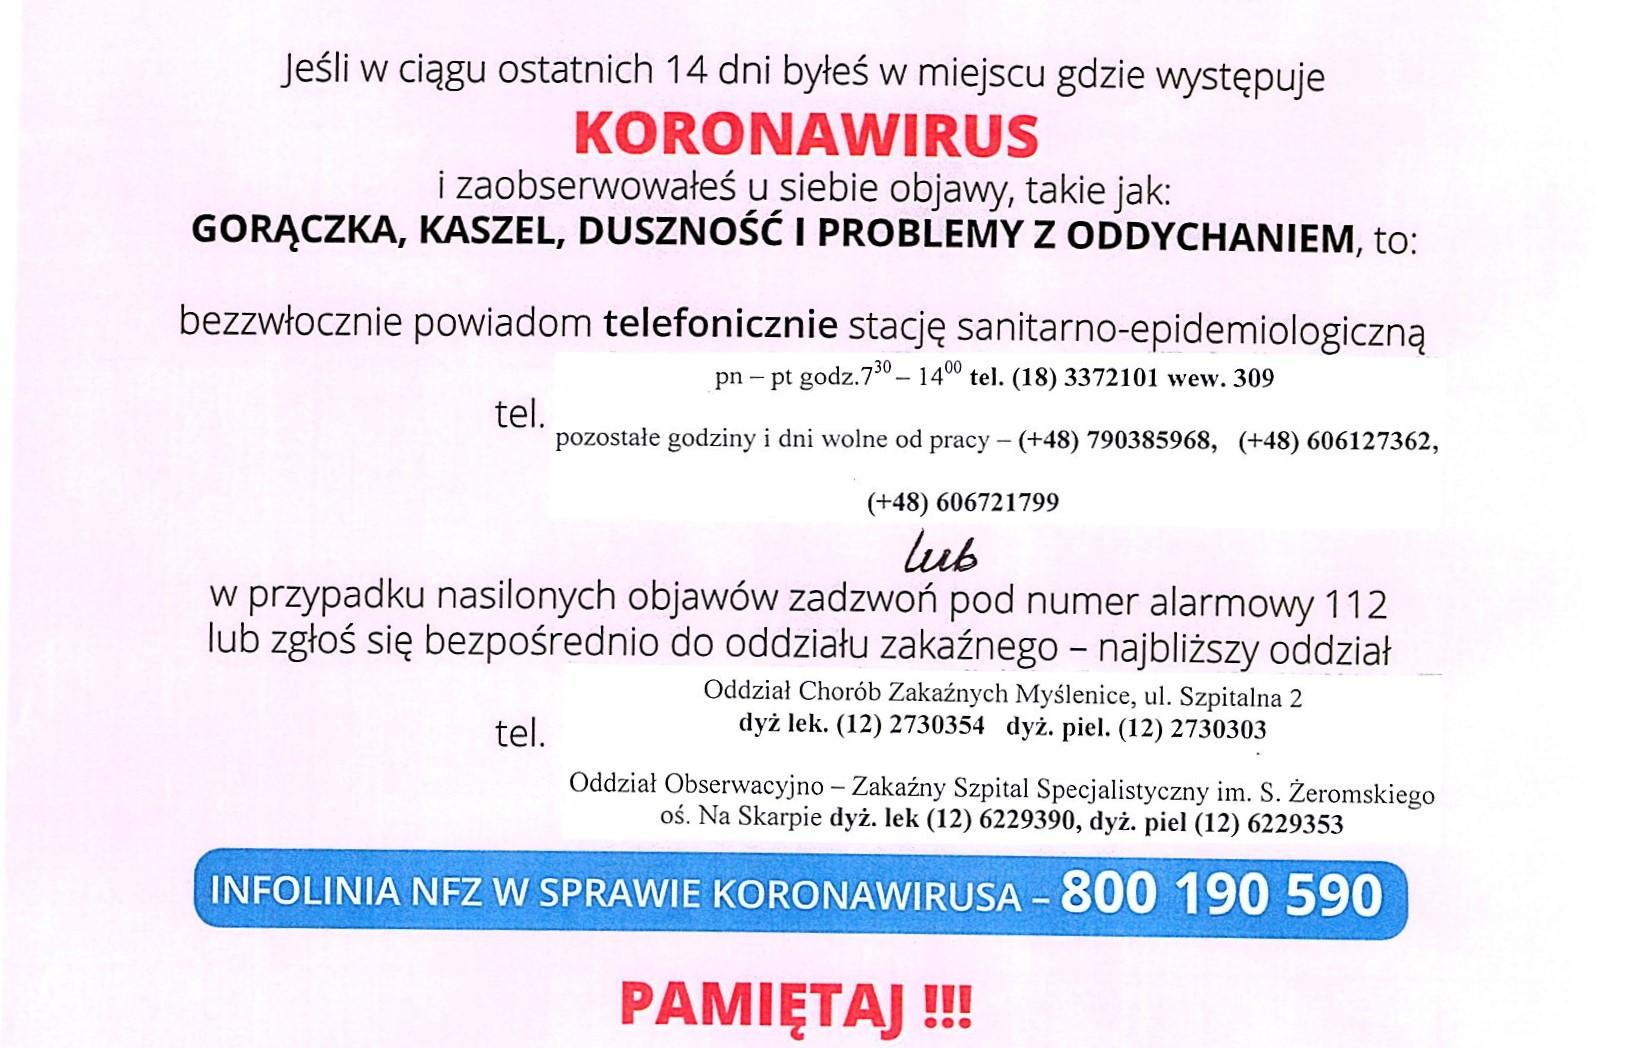 Koronawirus: komunikat dla pacjentów Szpitala Powiatowego w Limanowej